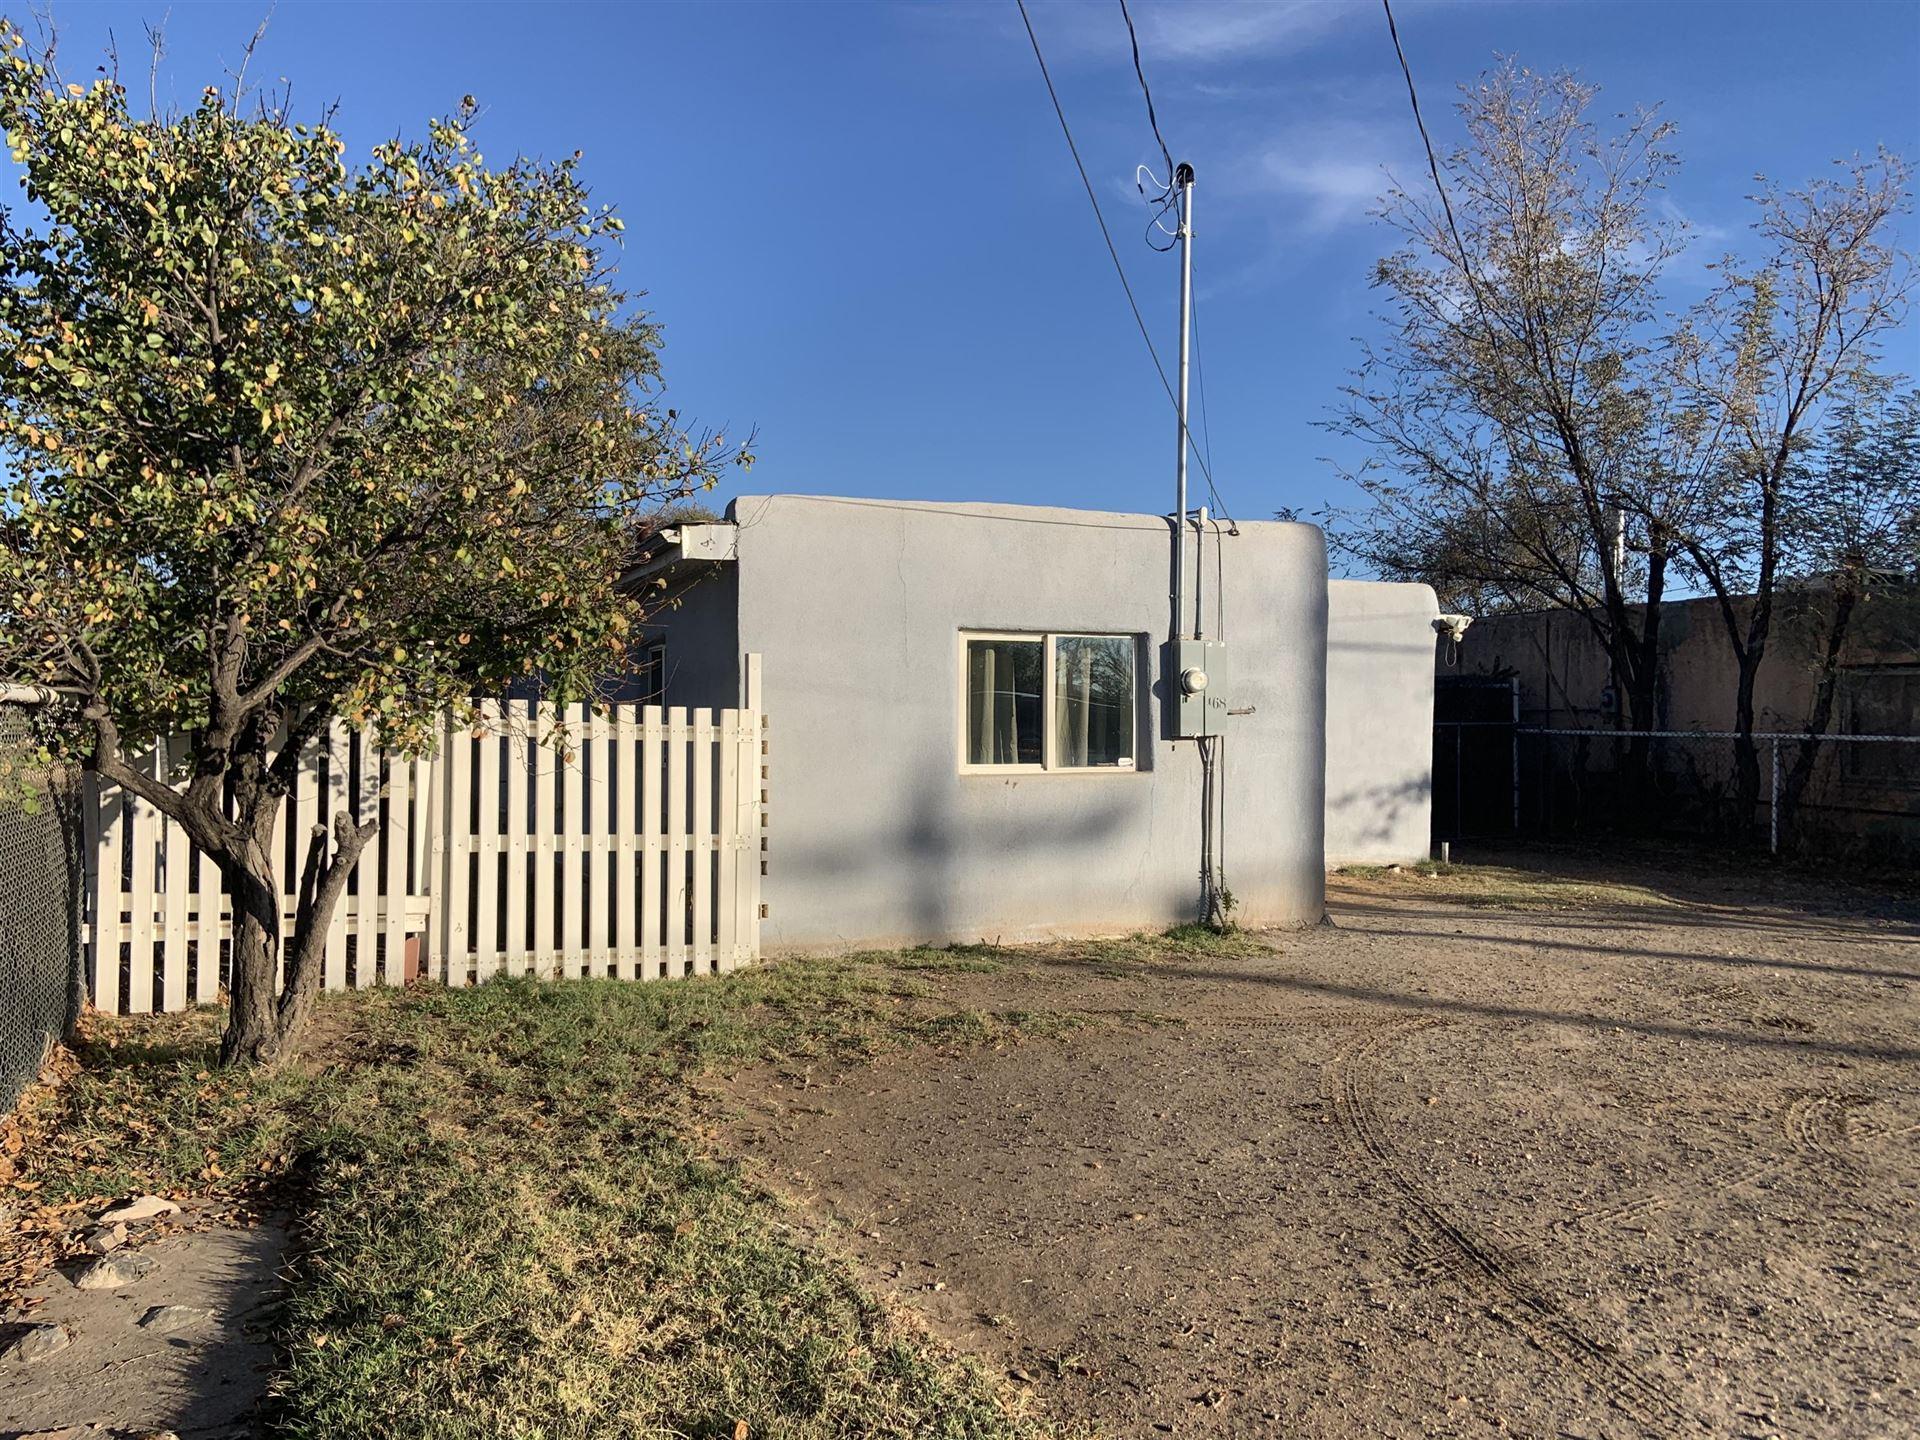 468 LOS LENTES Road SE, Los Lunas, NM 87031 - MLS#: 980419